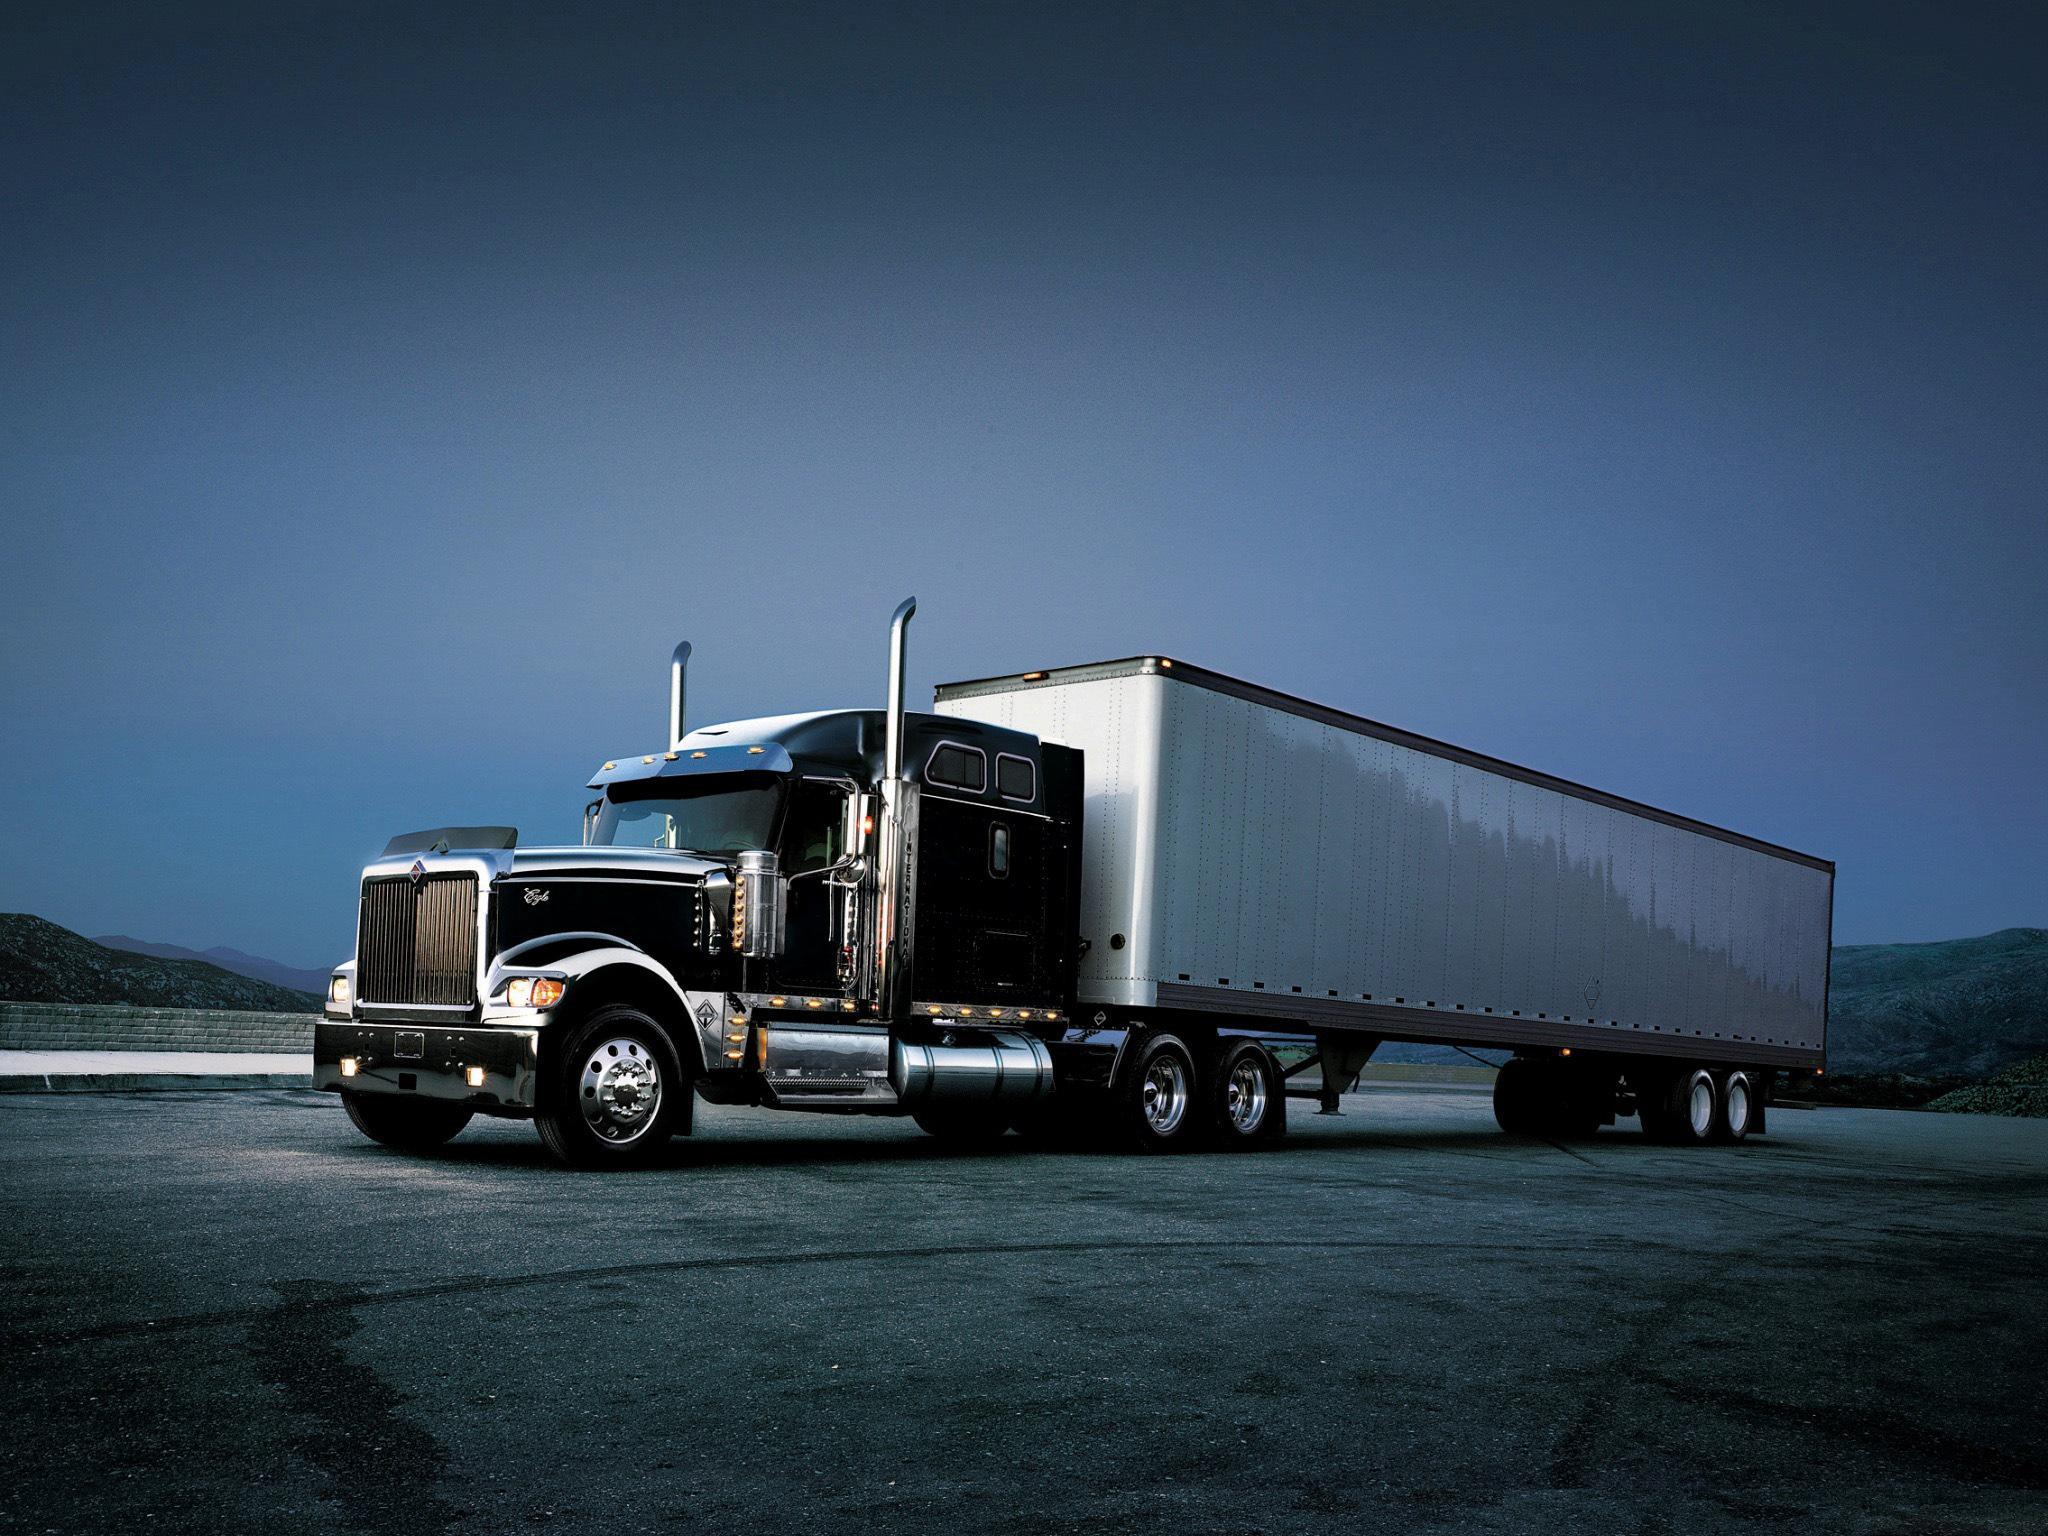 Download HQ Trucks Wallpaper Num 100 2048 x 1536 8993 Kb 2048x1536